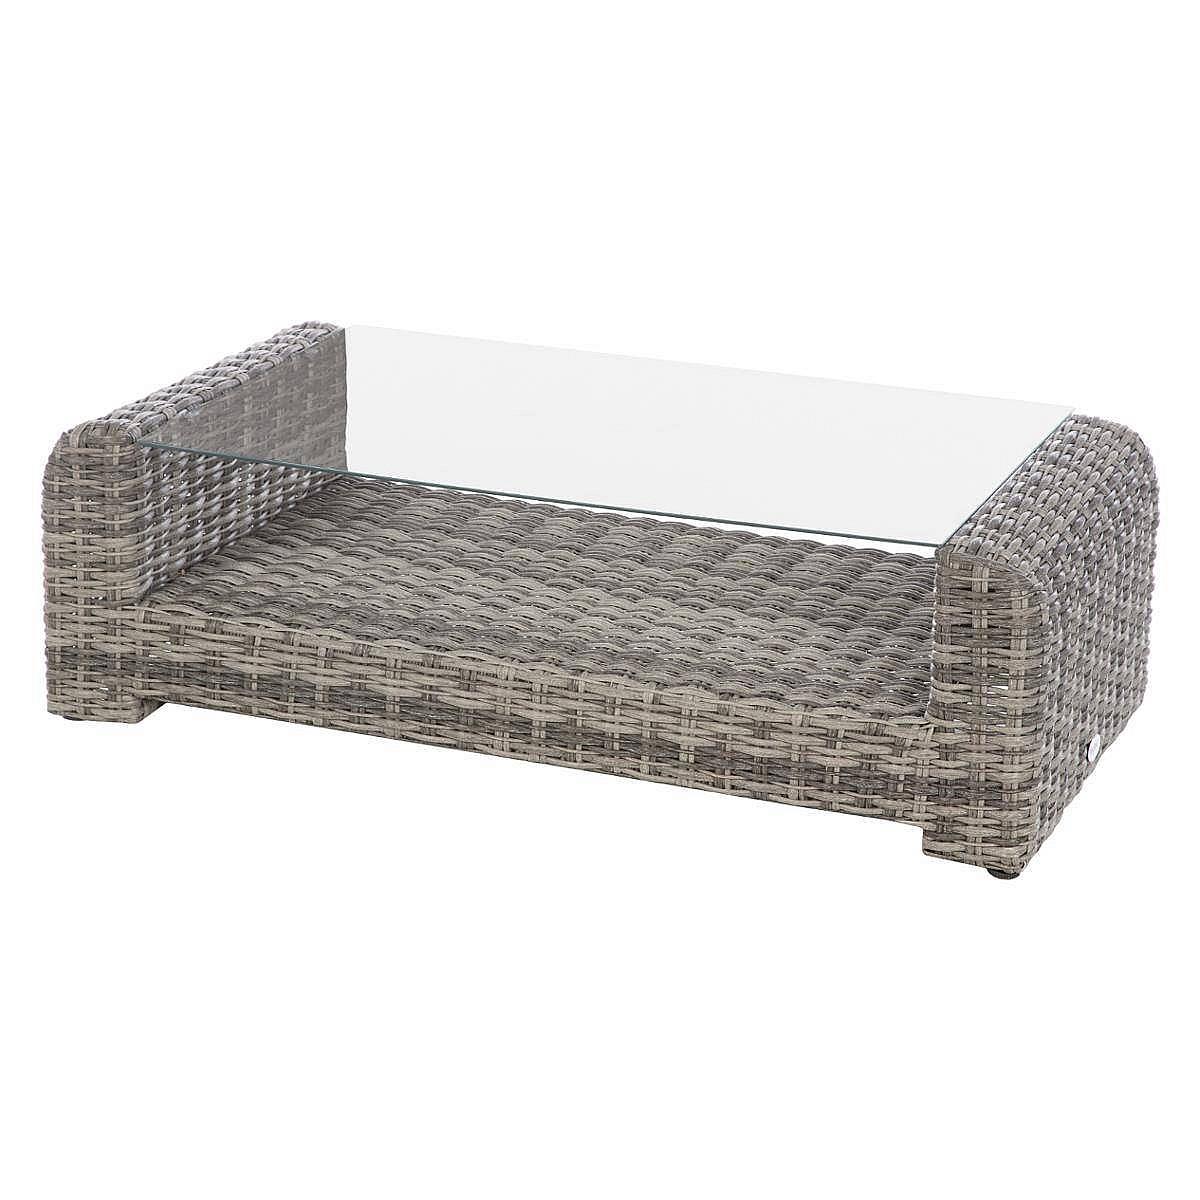 Ratanový konferenční stolek BORNEO 122 x 62 cm (šedá)